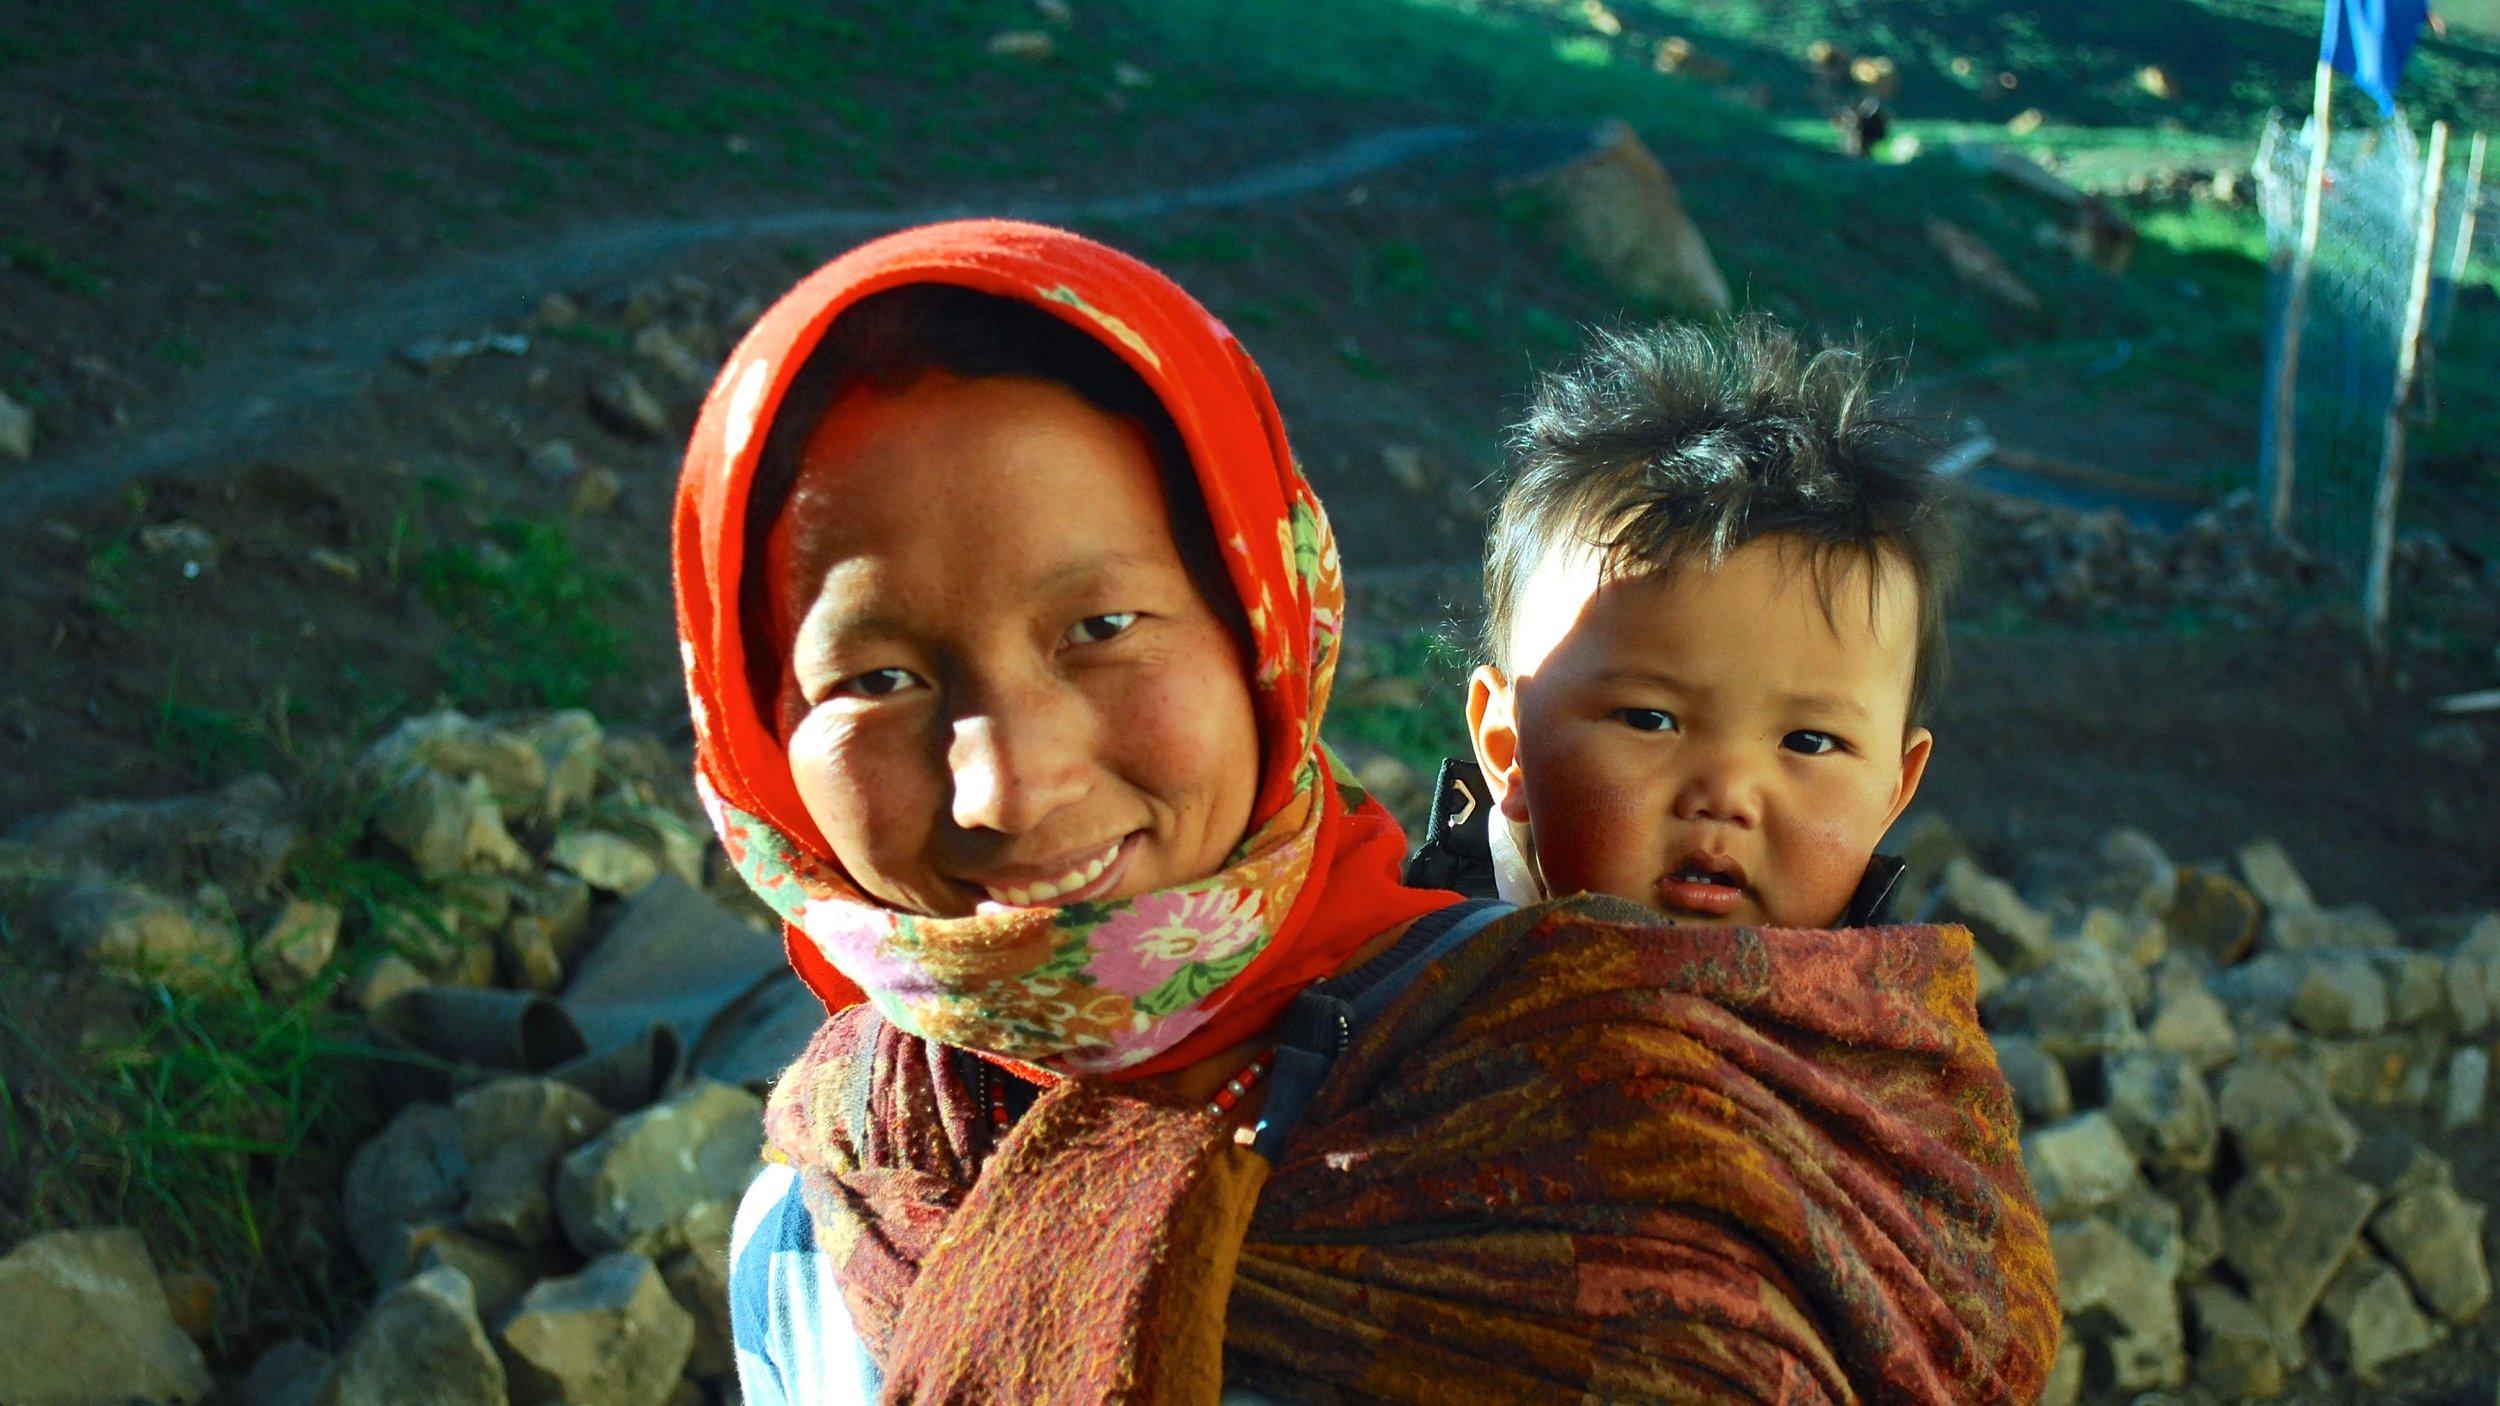 India-Spiti-Demul-woman-baby.jpg